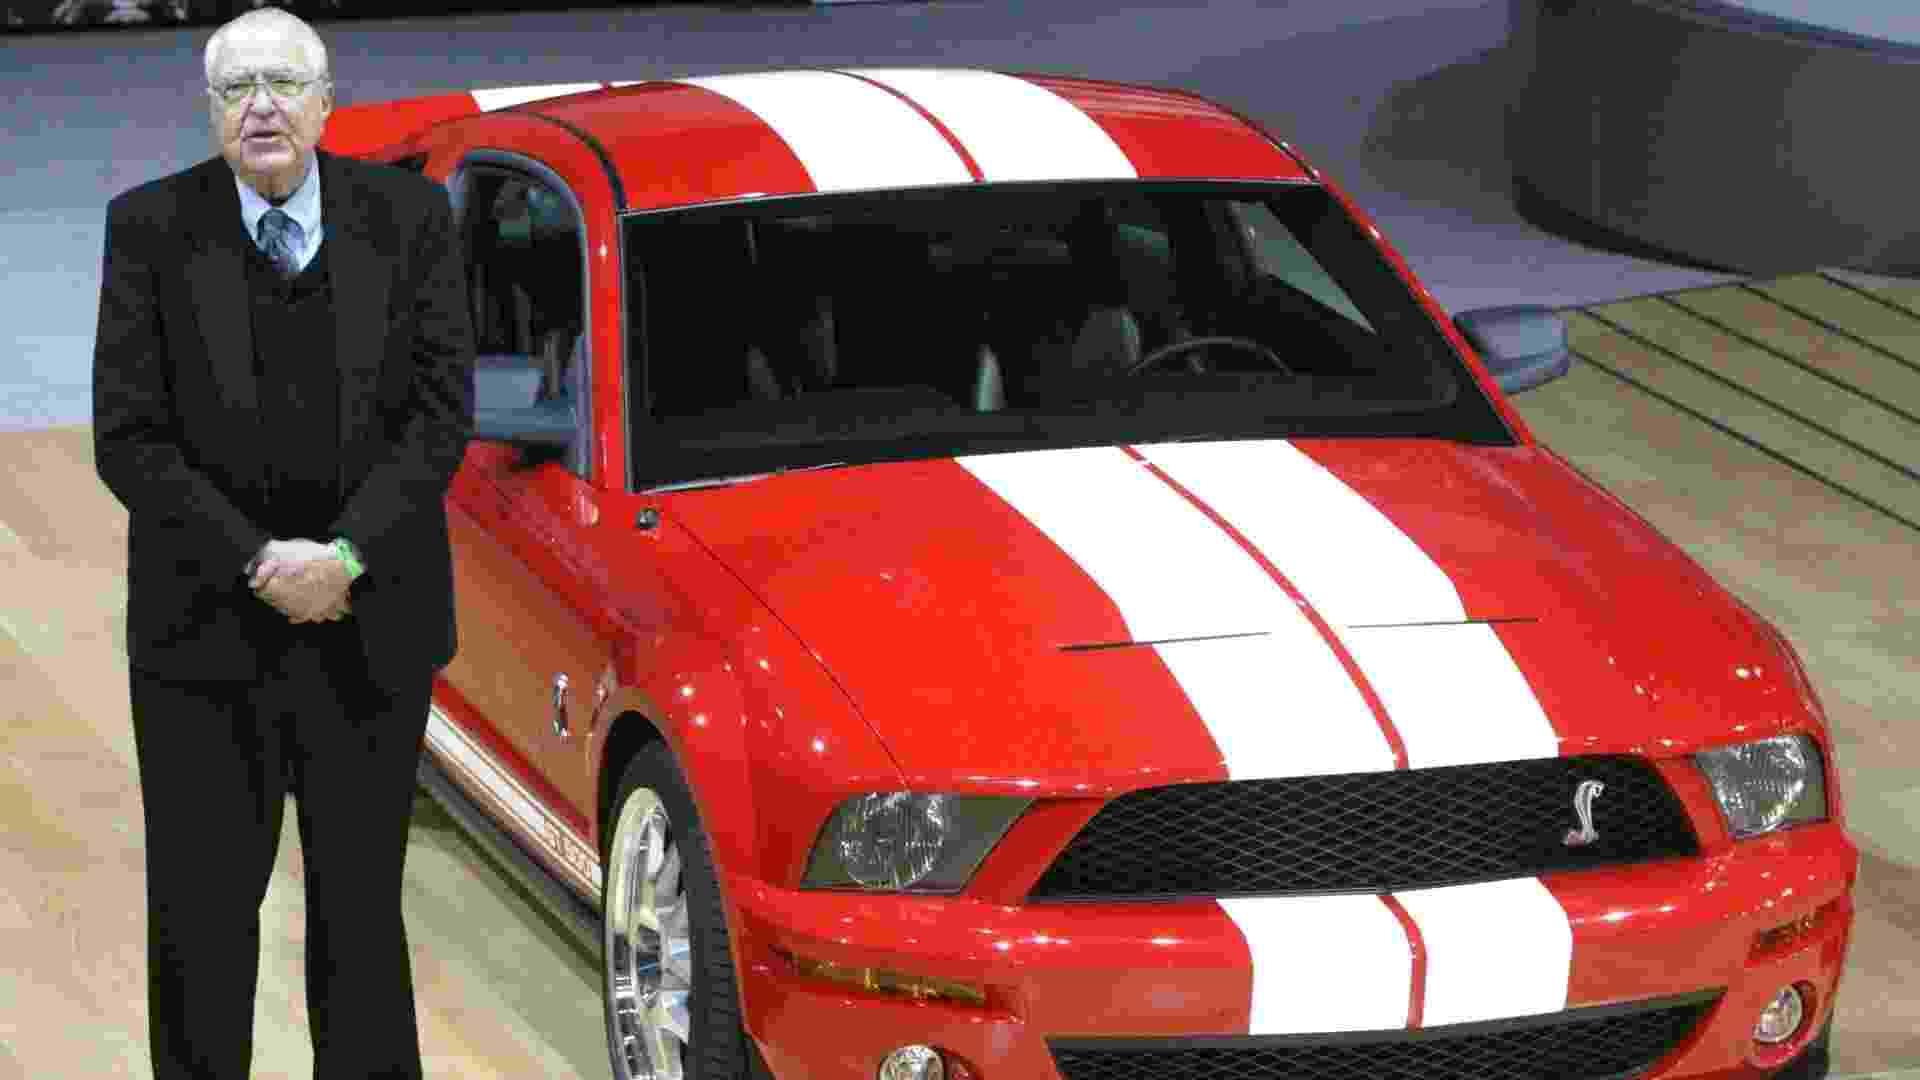 Carroll Shelby participa da apresentação do Ford Mustang Shelby GT500 no Salão de Nova York 2005. Ex-piloto e criador de carros icônicos, como o roadster Cobra, ele morreu na quinta-feira (10), nos EUA - Gregory Bull/AP - 23.3.2005